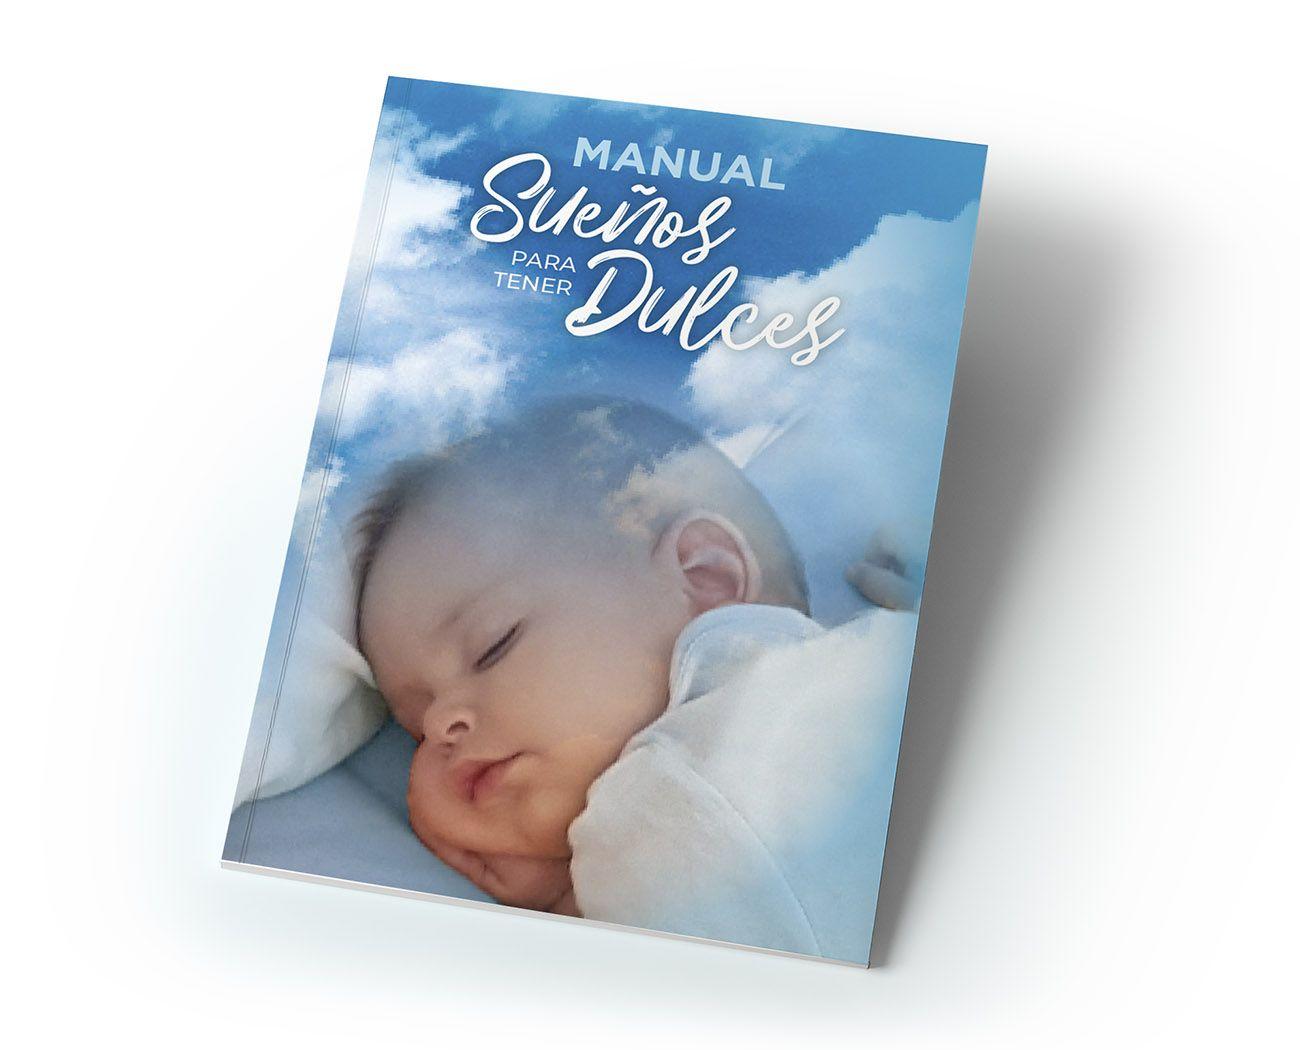 Manual sobre el sueño infantil